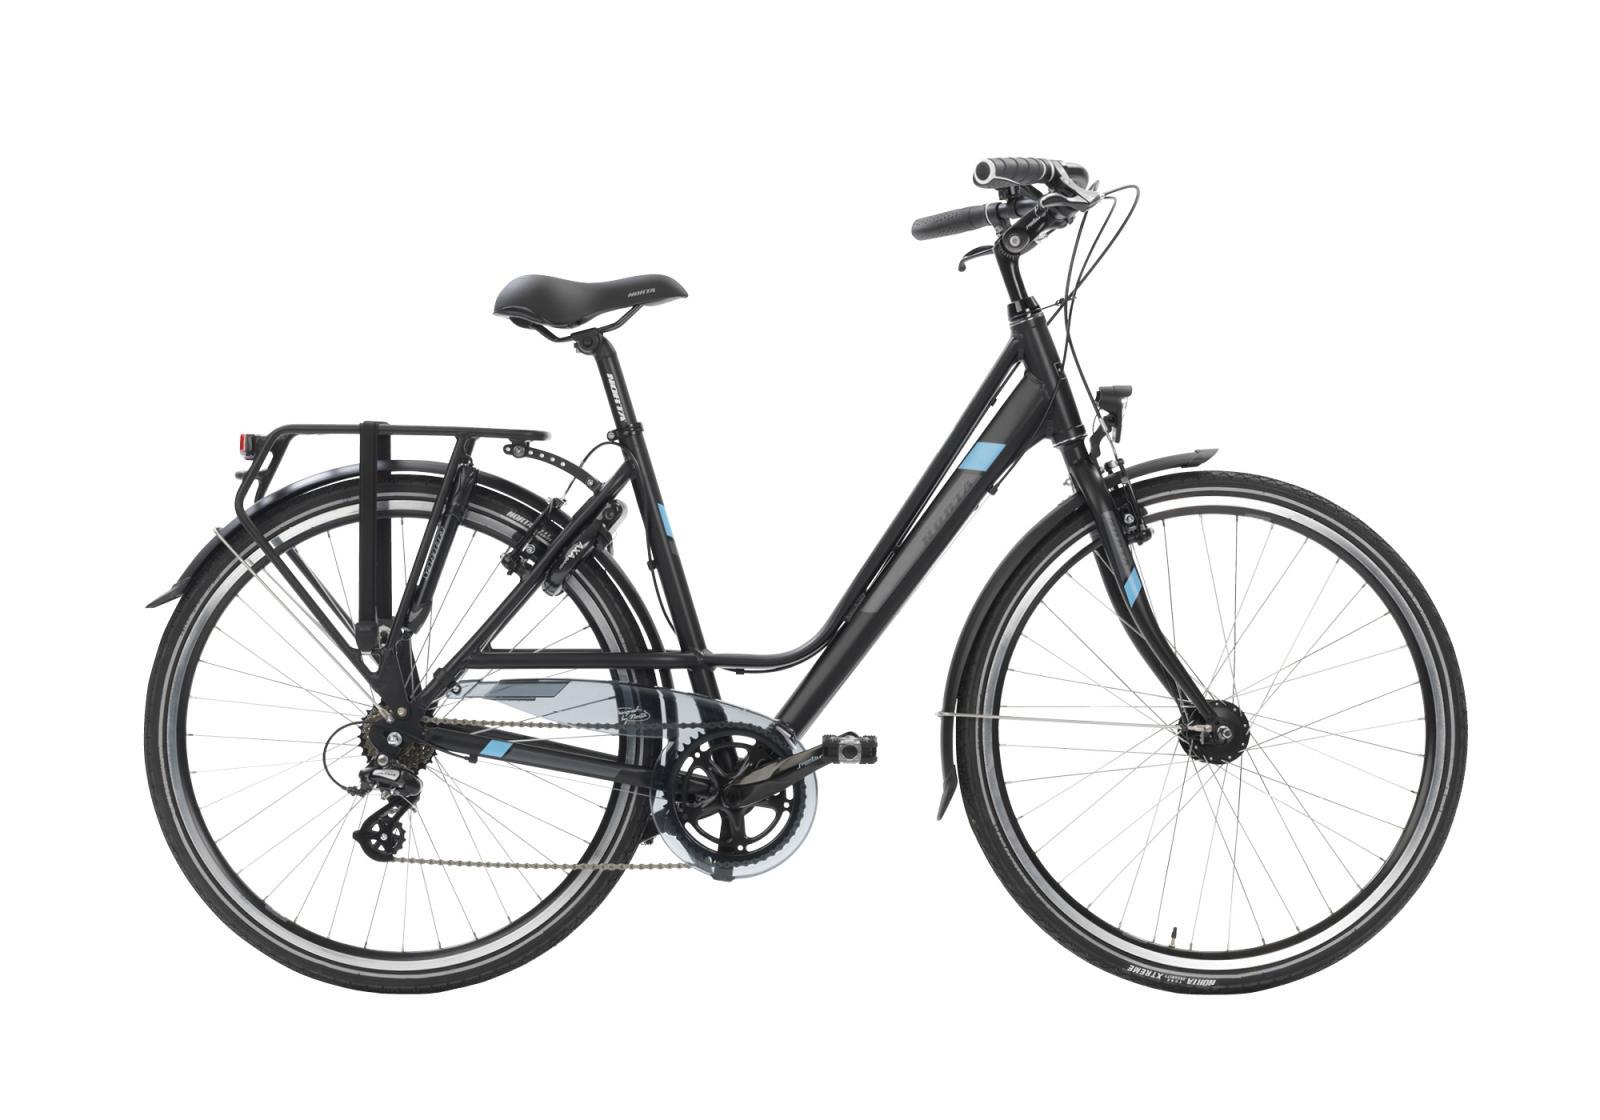 Norta-A10-All-Bikes-Putte-Ludwig-Wynants-racefietsen-elektrische-fietsen-mountainbikes-koersfiets-kopen-herstellingen